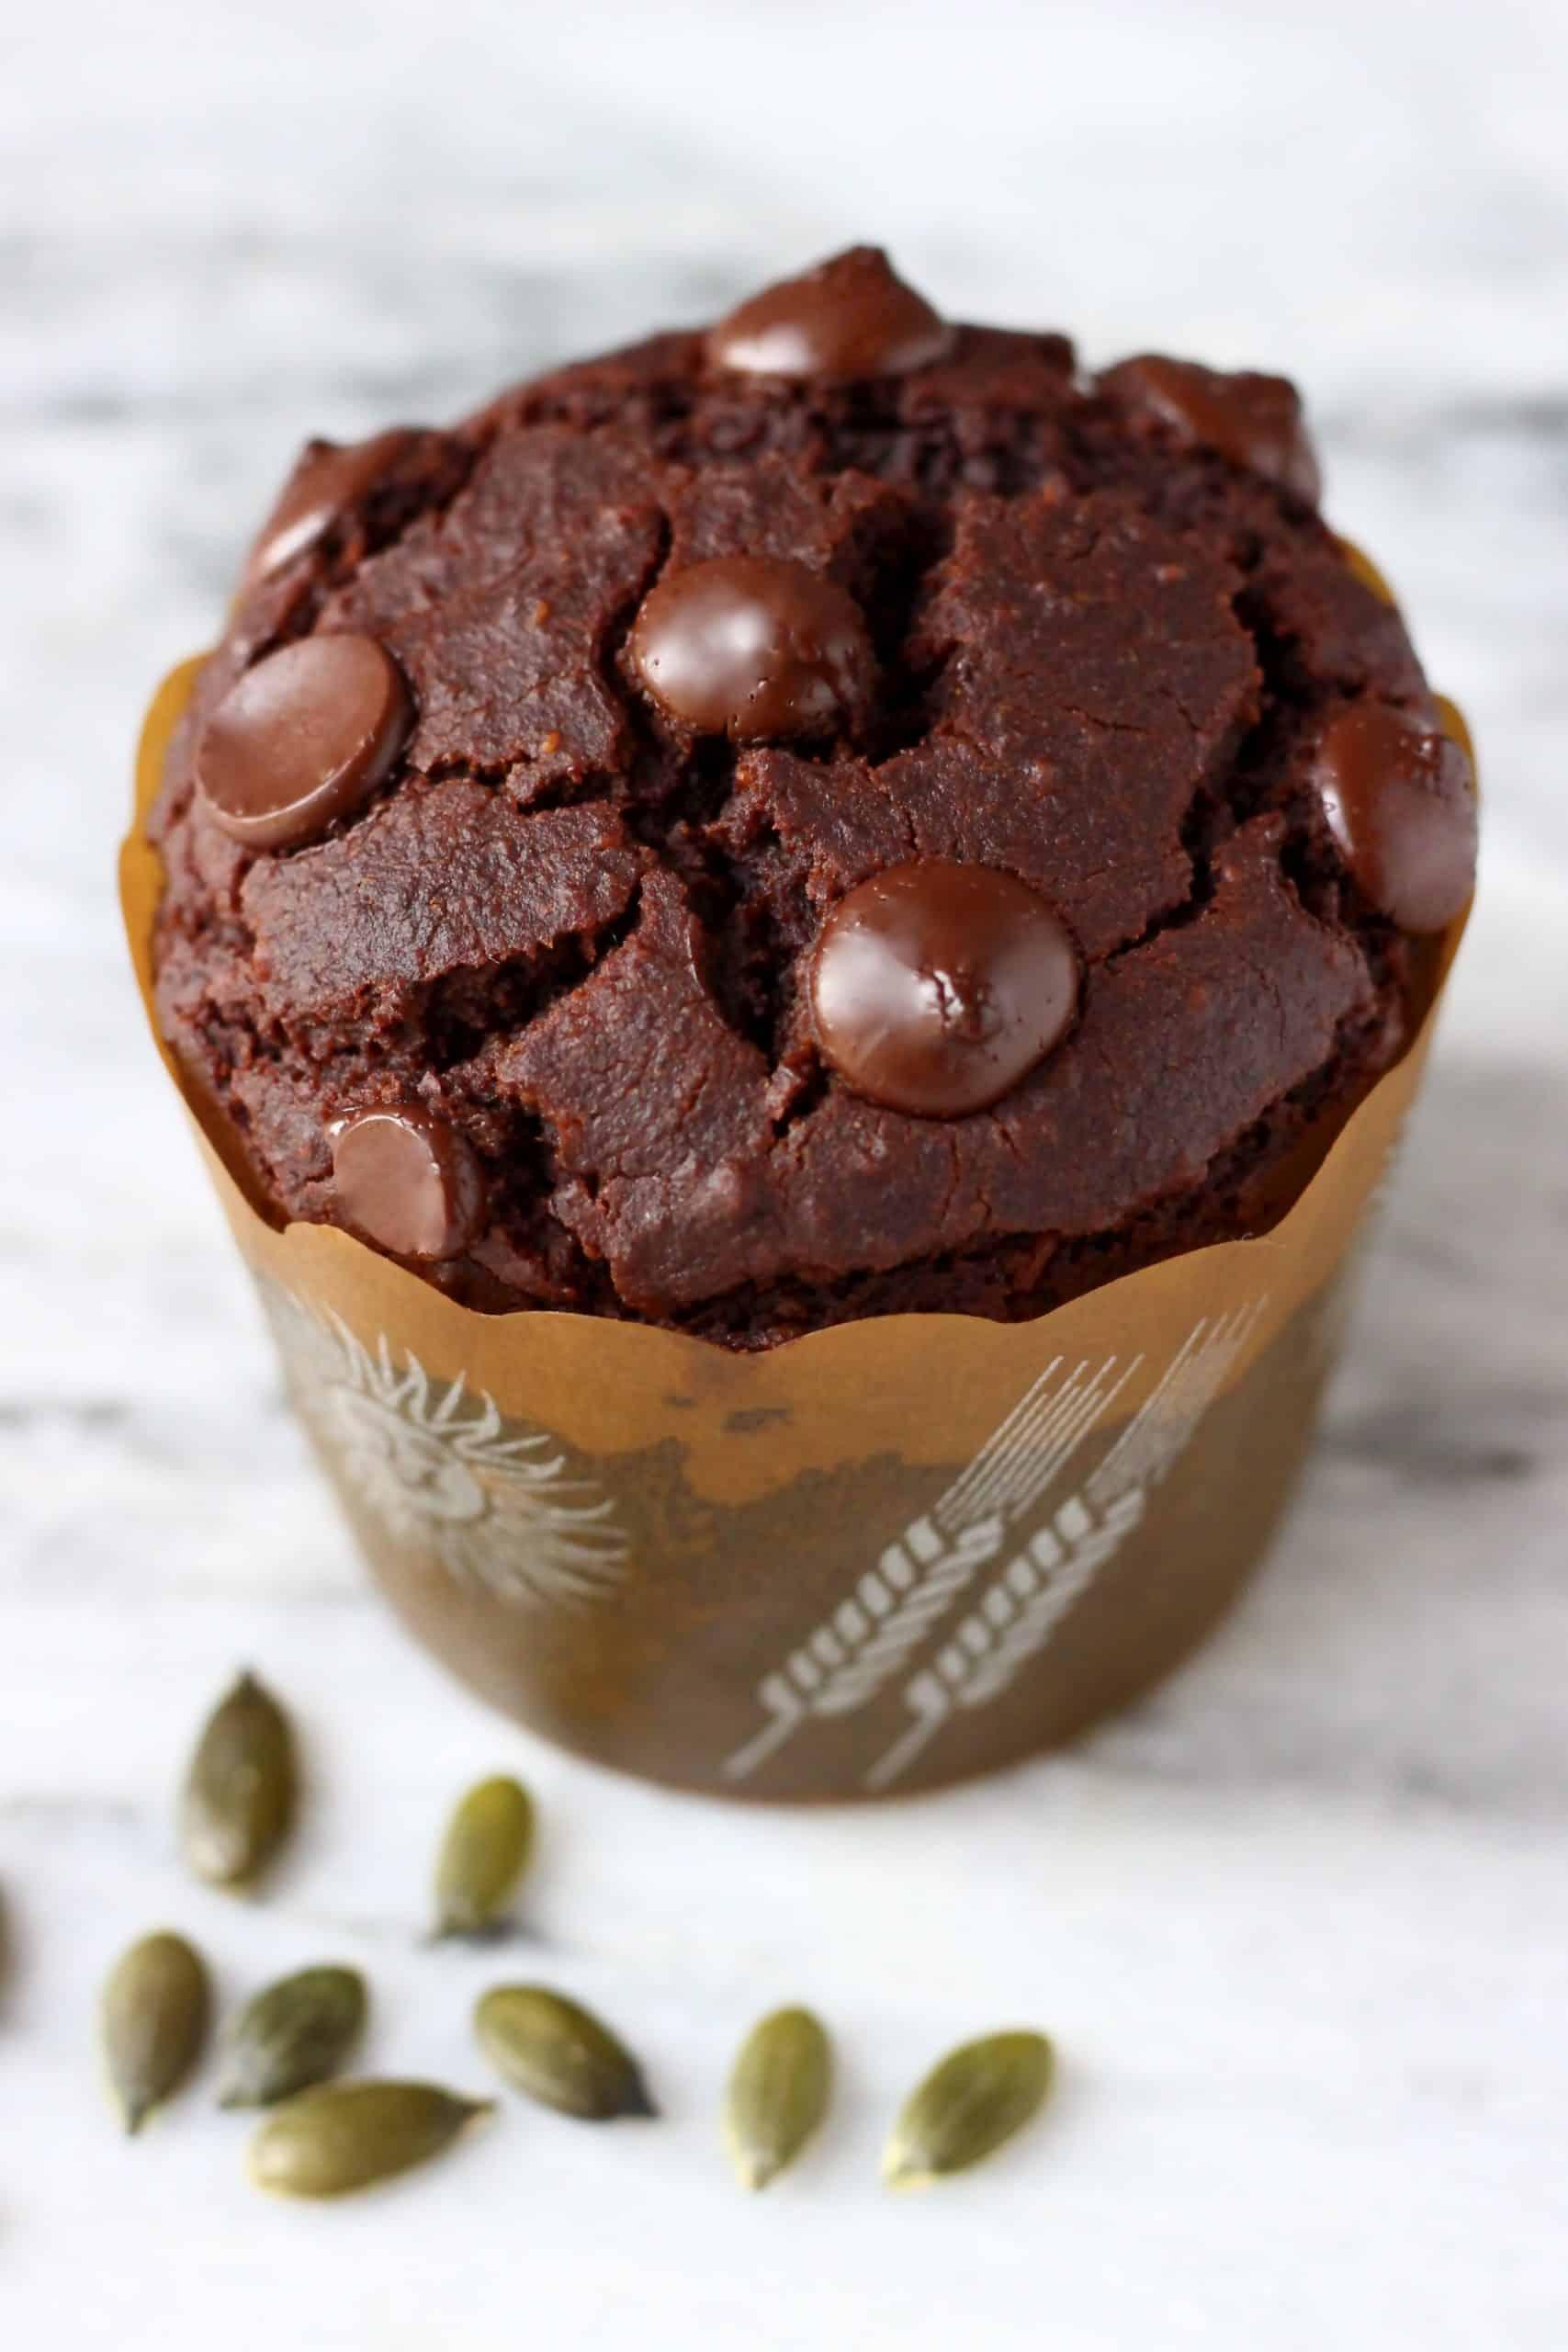 A gluten-free vegan chocolate pumpkin muffin in a brown muffin case